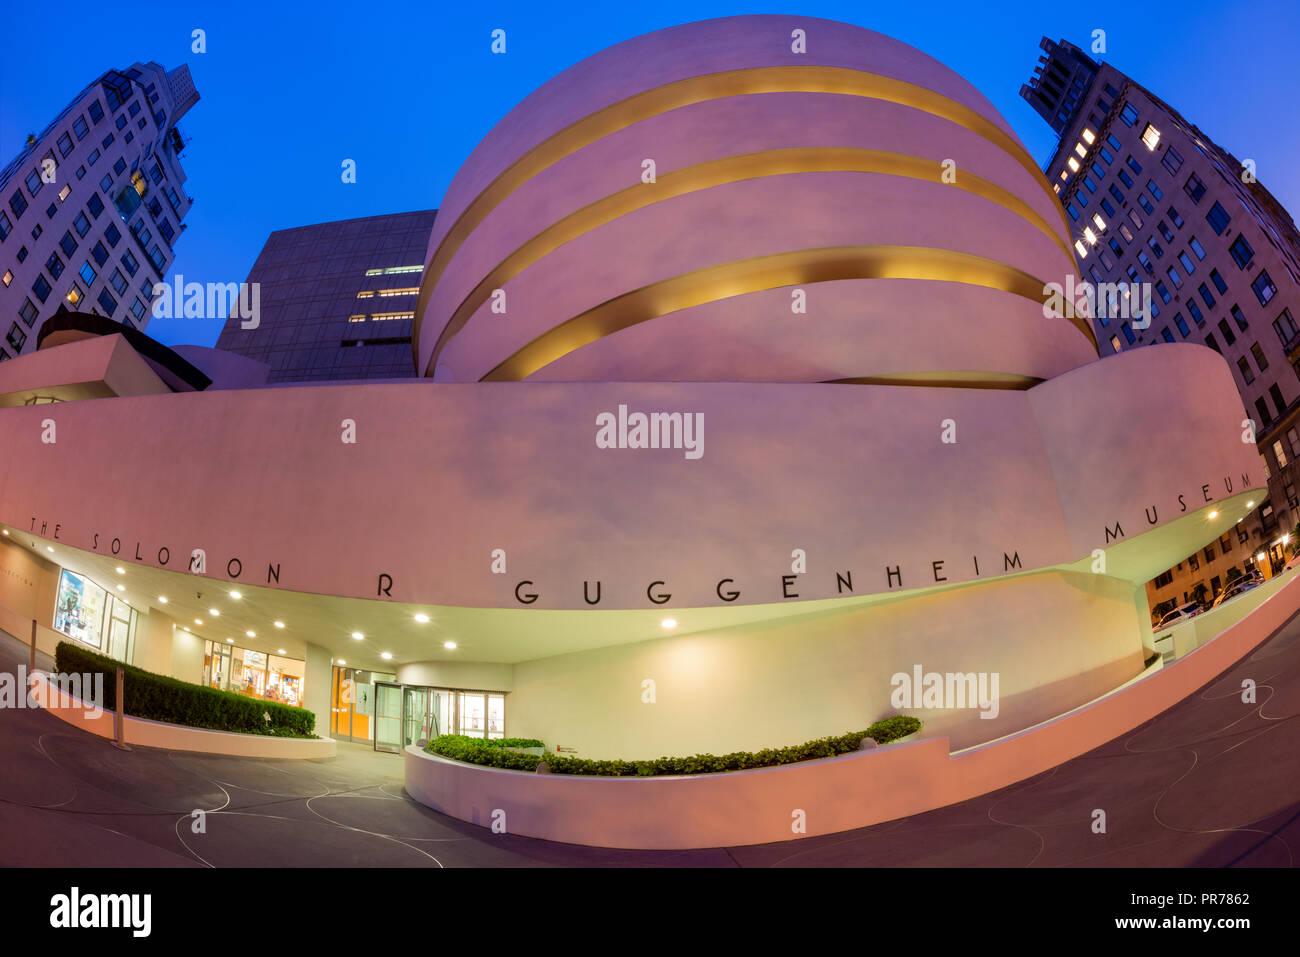 El Solomon R. Guggenheim Museum de arte moderno y contemporáneo en la Quinta Avenida en Manhattan, Nueva York, EE.UU. Foto de stock